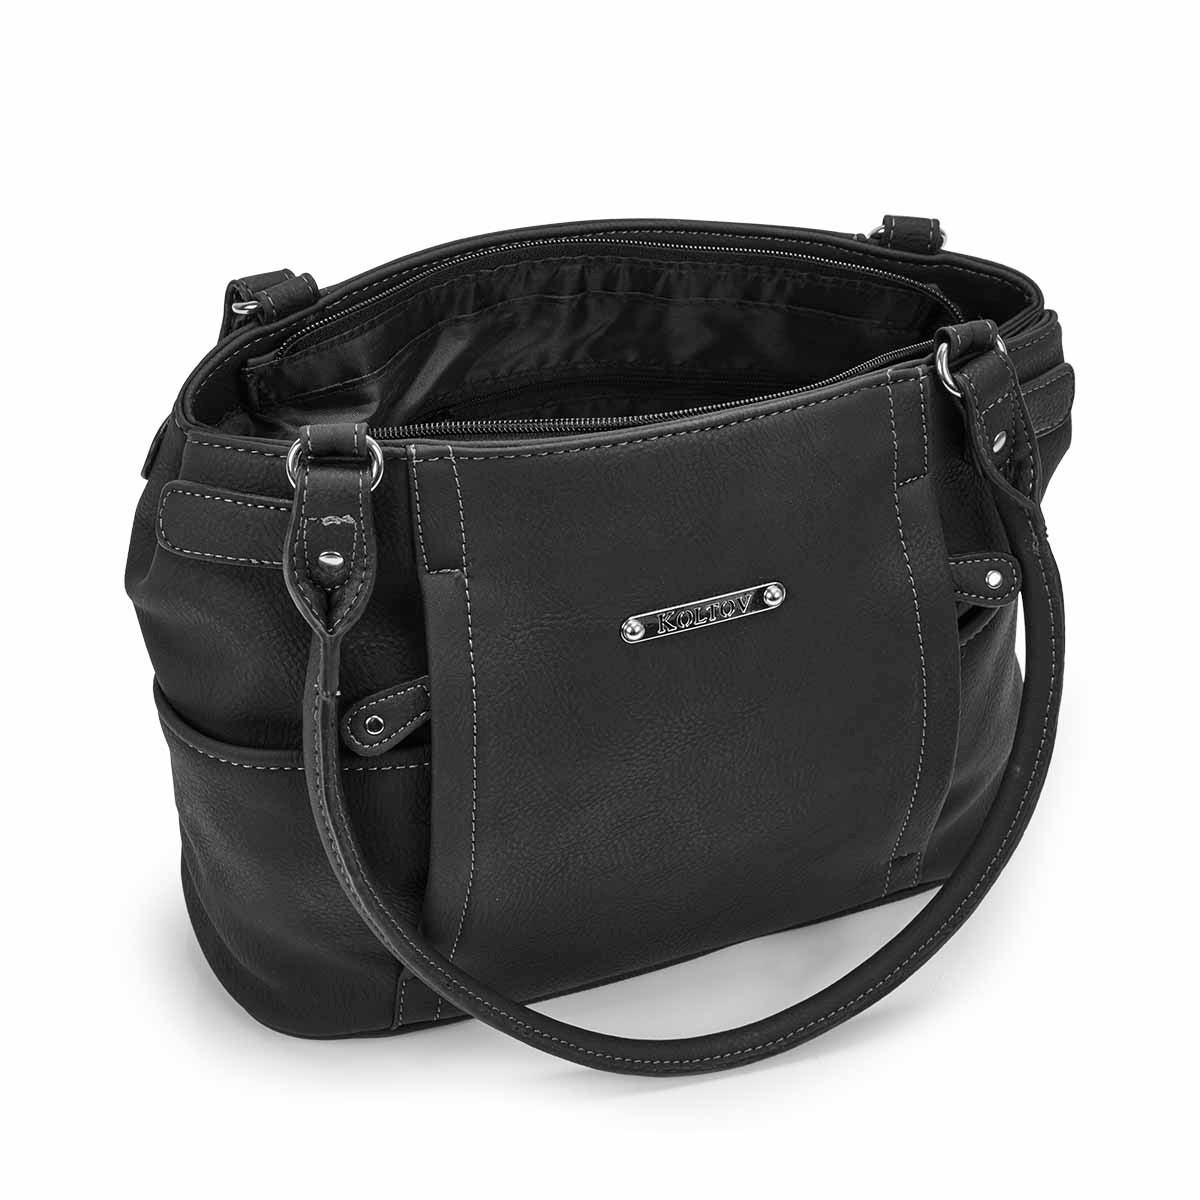 Lds Strathmore black small shoulder bag